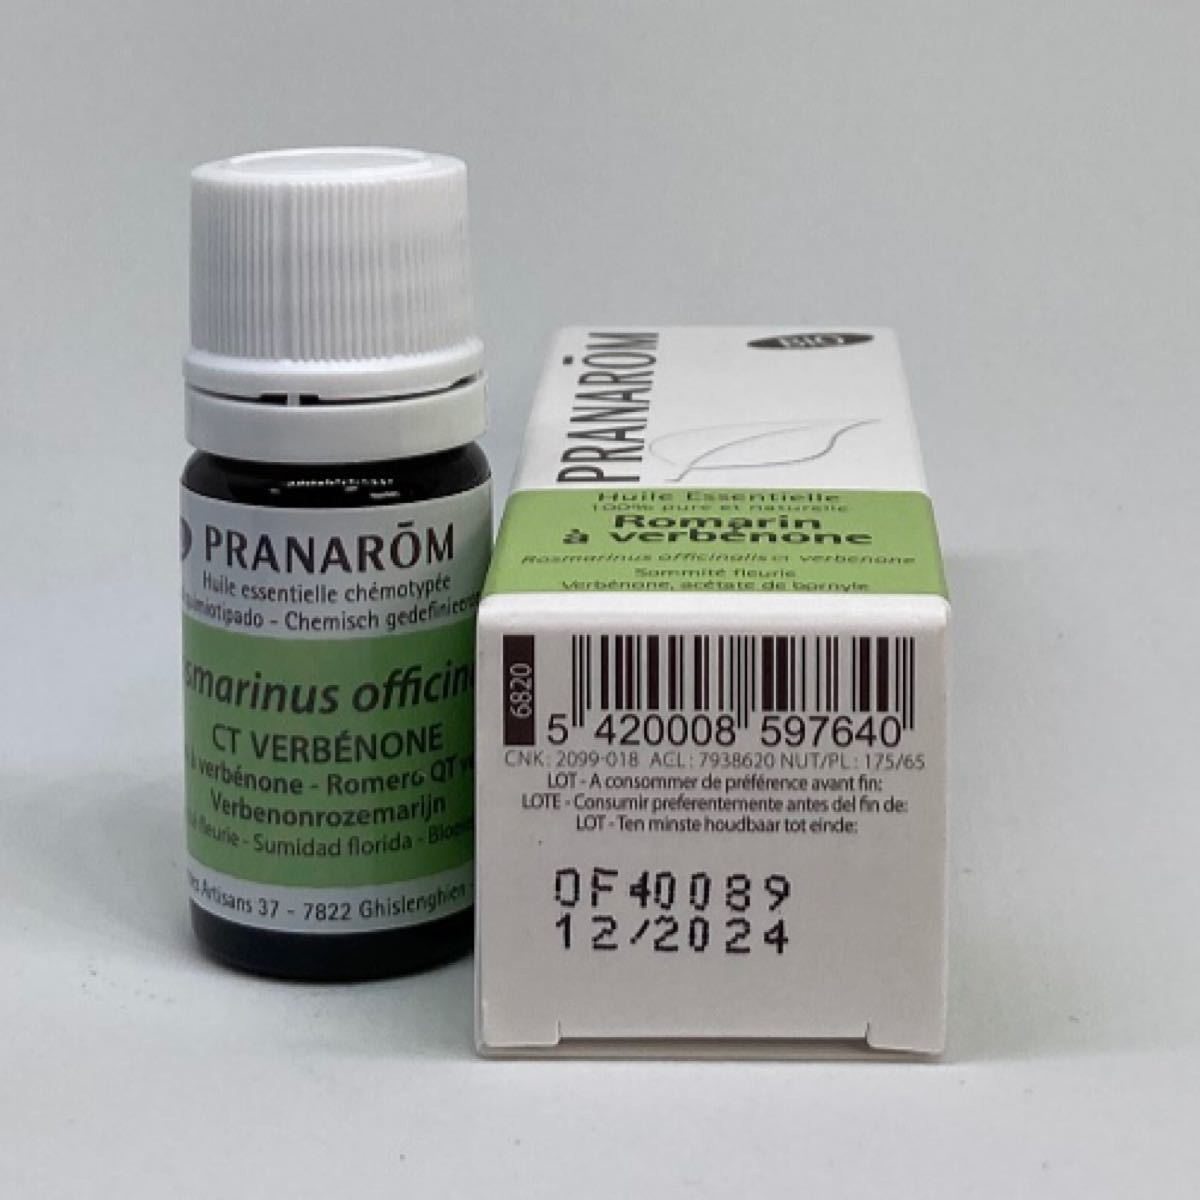 プラナロム ローズマリー・ベルベノン BIO 5ml 精油 PRANAROM